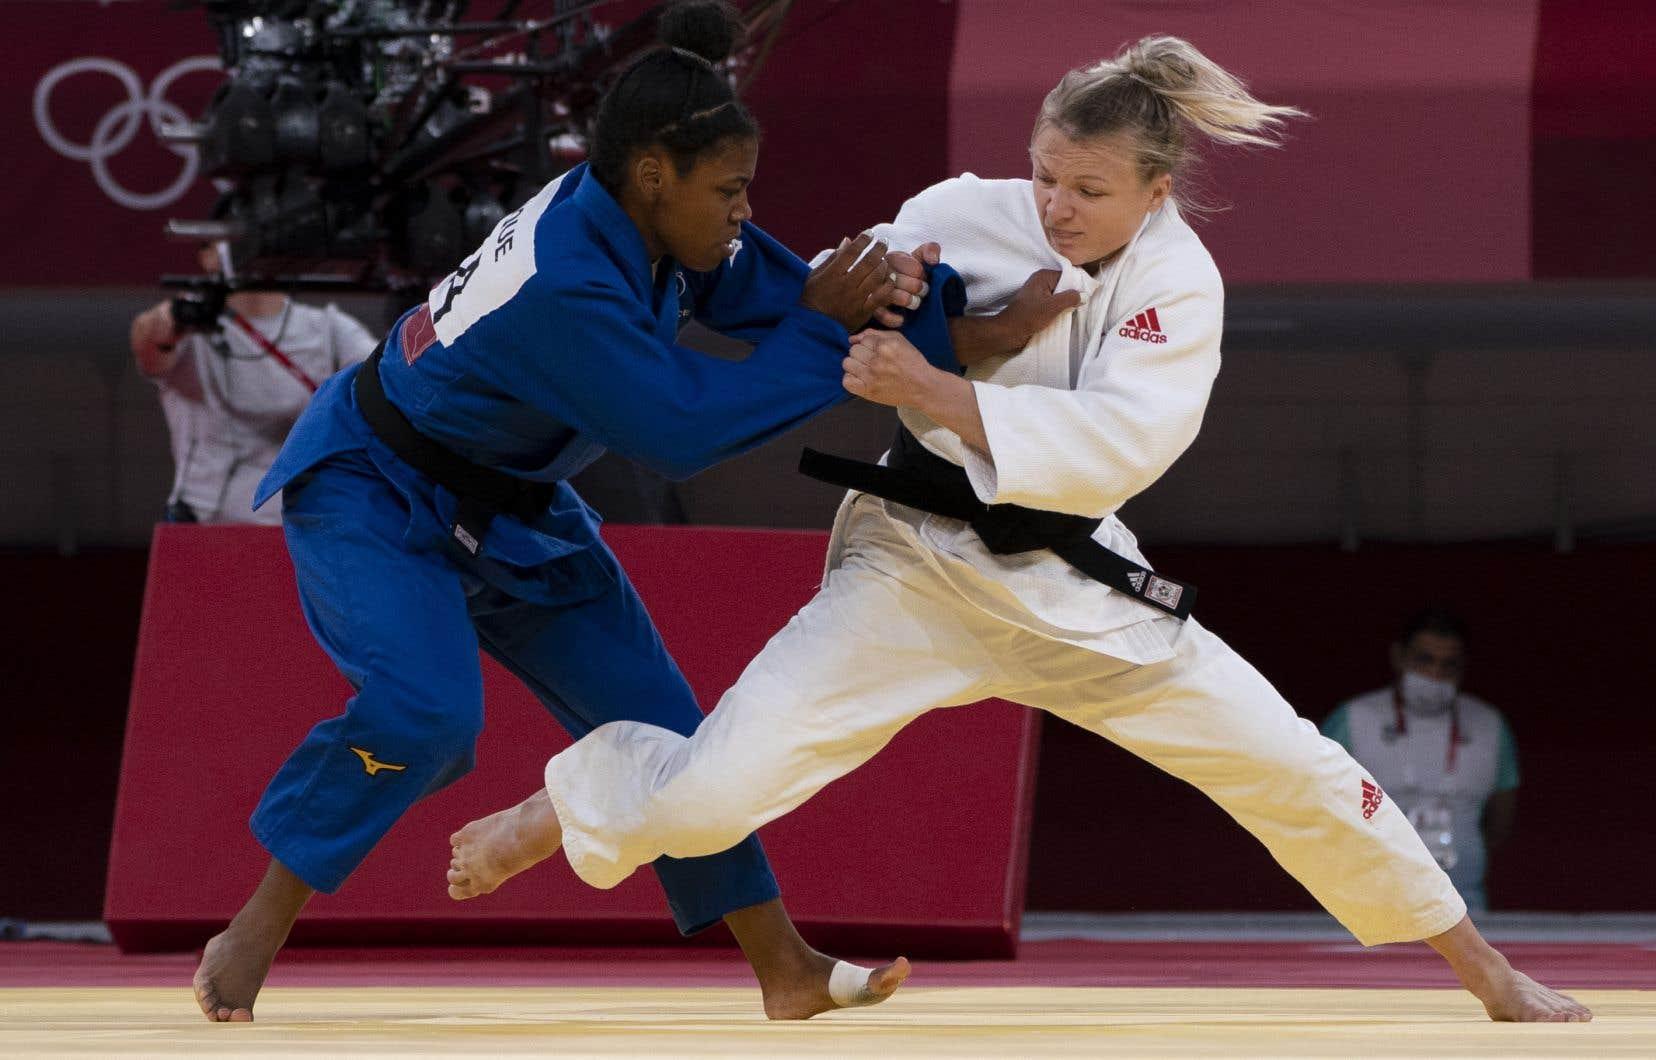 Après avoir signé deux victoires consécutives par ippon sur le tatami du Nippon Budokan, Klimkait s'est inclinée contre la Française Sarah Léonie Cysique en temps supplémentaire, après avoir écopé une troisième pénalité.